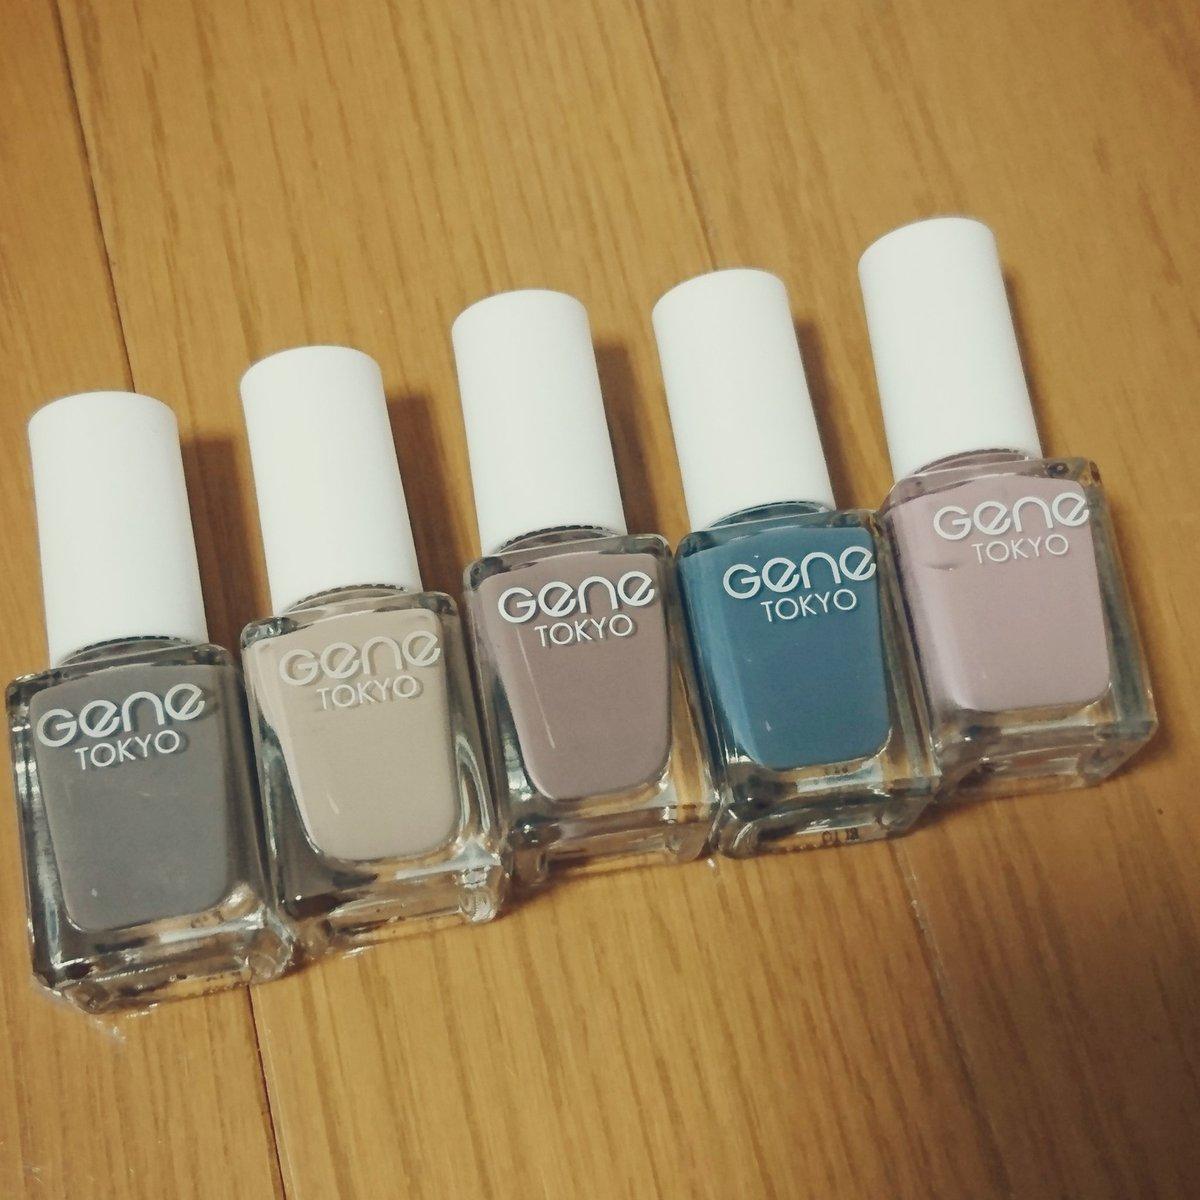 test ツイッターメディア - マニキュアが好き◎ ダイソーのこちら、わたしの中ではとてもとてもよい色!と思いました◎(塗り方下手くそなんで拡大して見ないでね♡笑) くすみ系5色買ったので、気分で楽しみたいと思いまーす♡ #ダイソー #ネイル https://t.co/t1aexDbso9